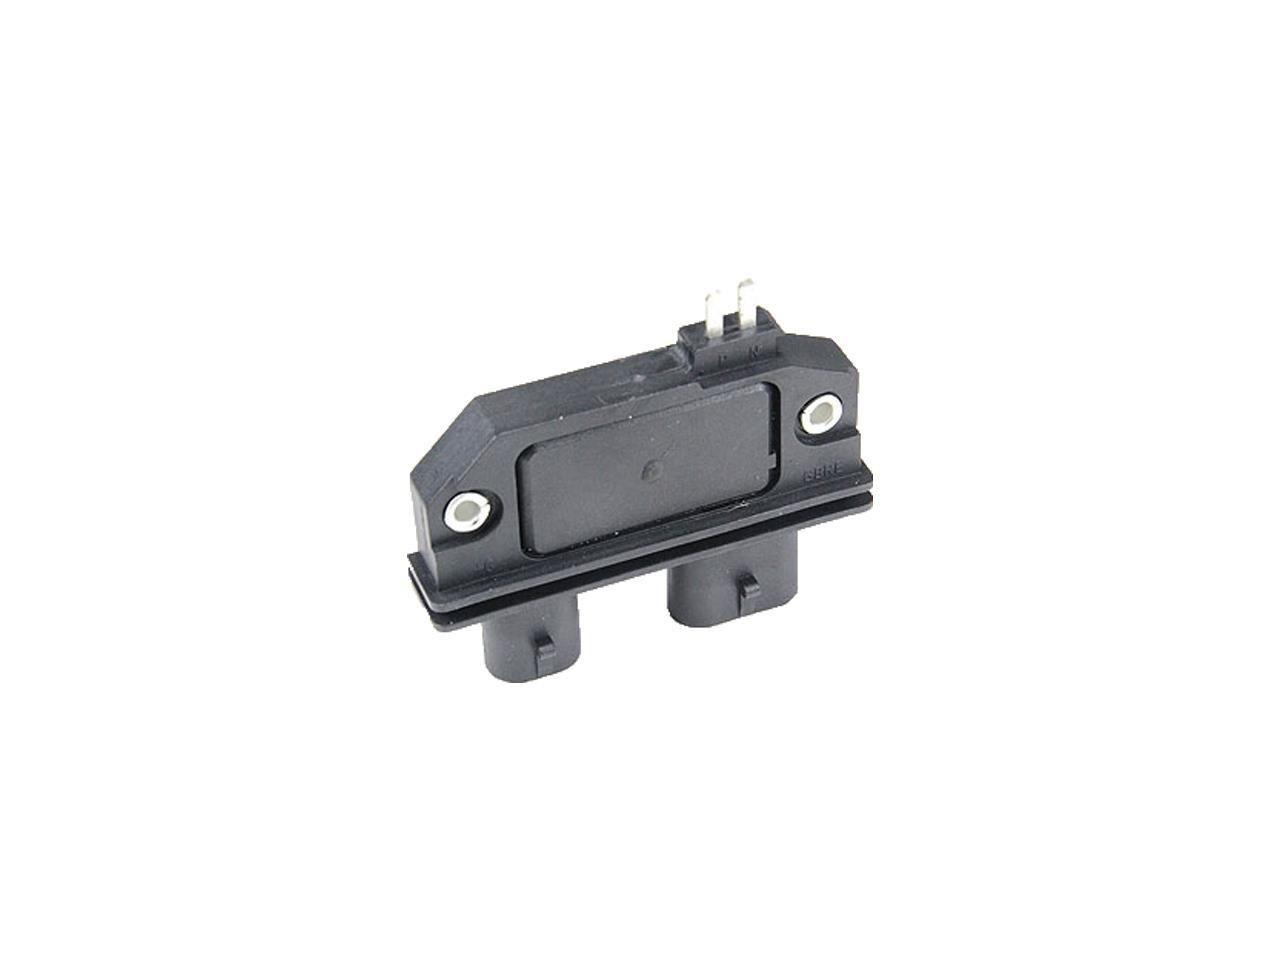 New AD Auto Parts Premium High Performance Ignition Control Module D1980B D1960A D1992 DR133